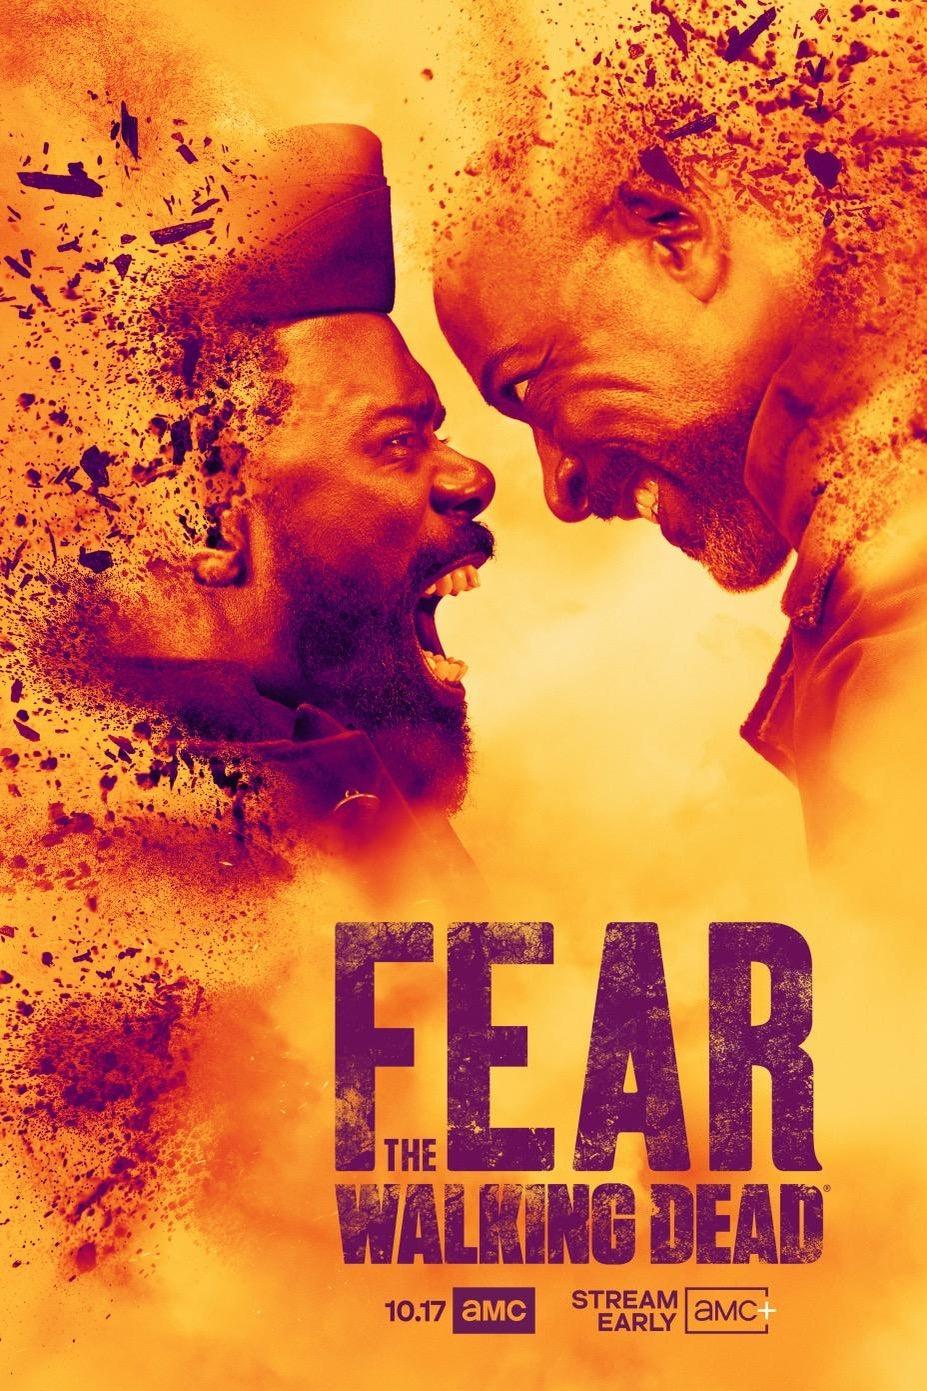 fear-the-walking-dead-season-7-poster.jpg